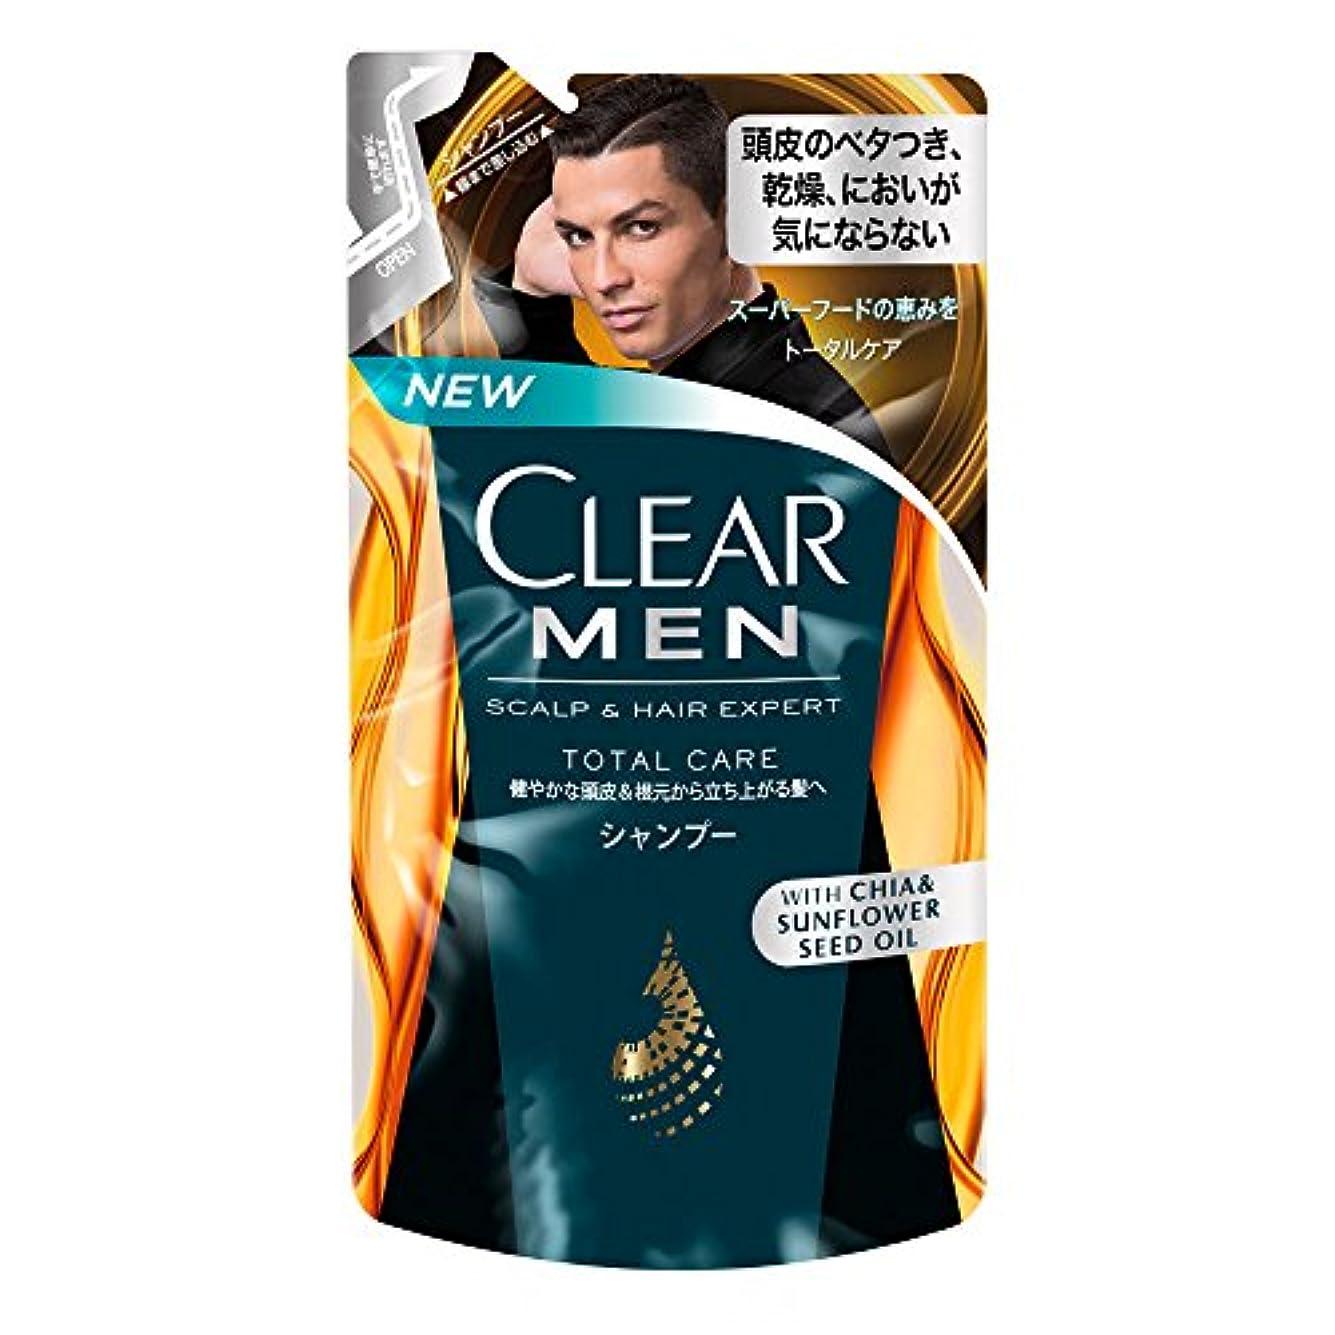 アーサーピュー動員するクリア フォーメン トータルケア 男性用シャンプー つめかえ用 (健やかな頭皮へ) 280g